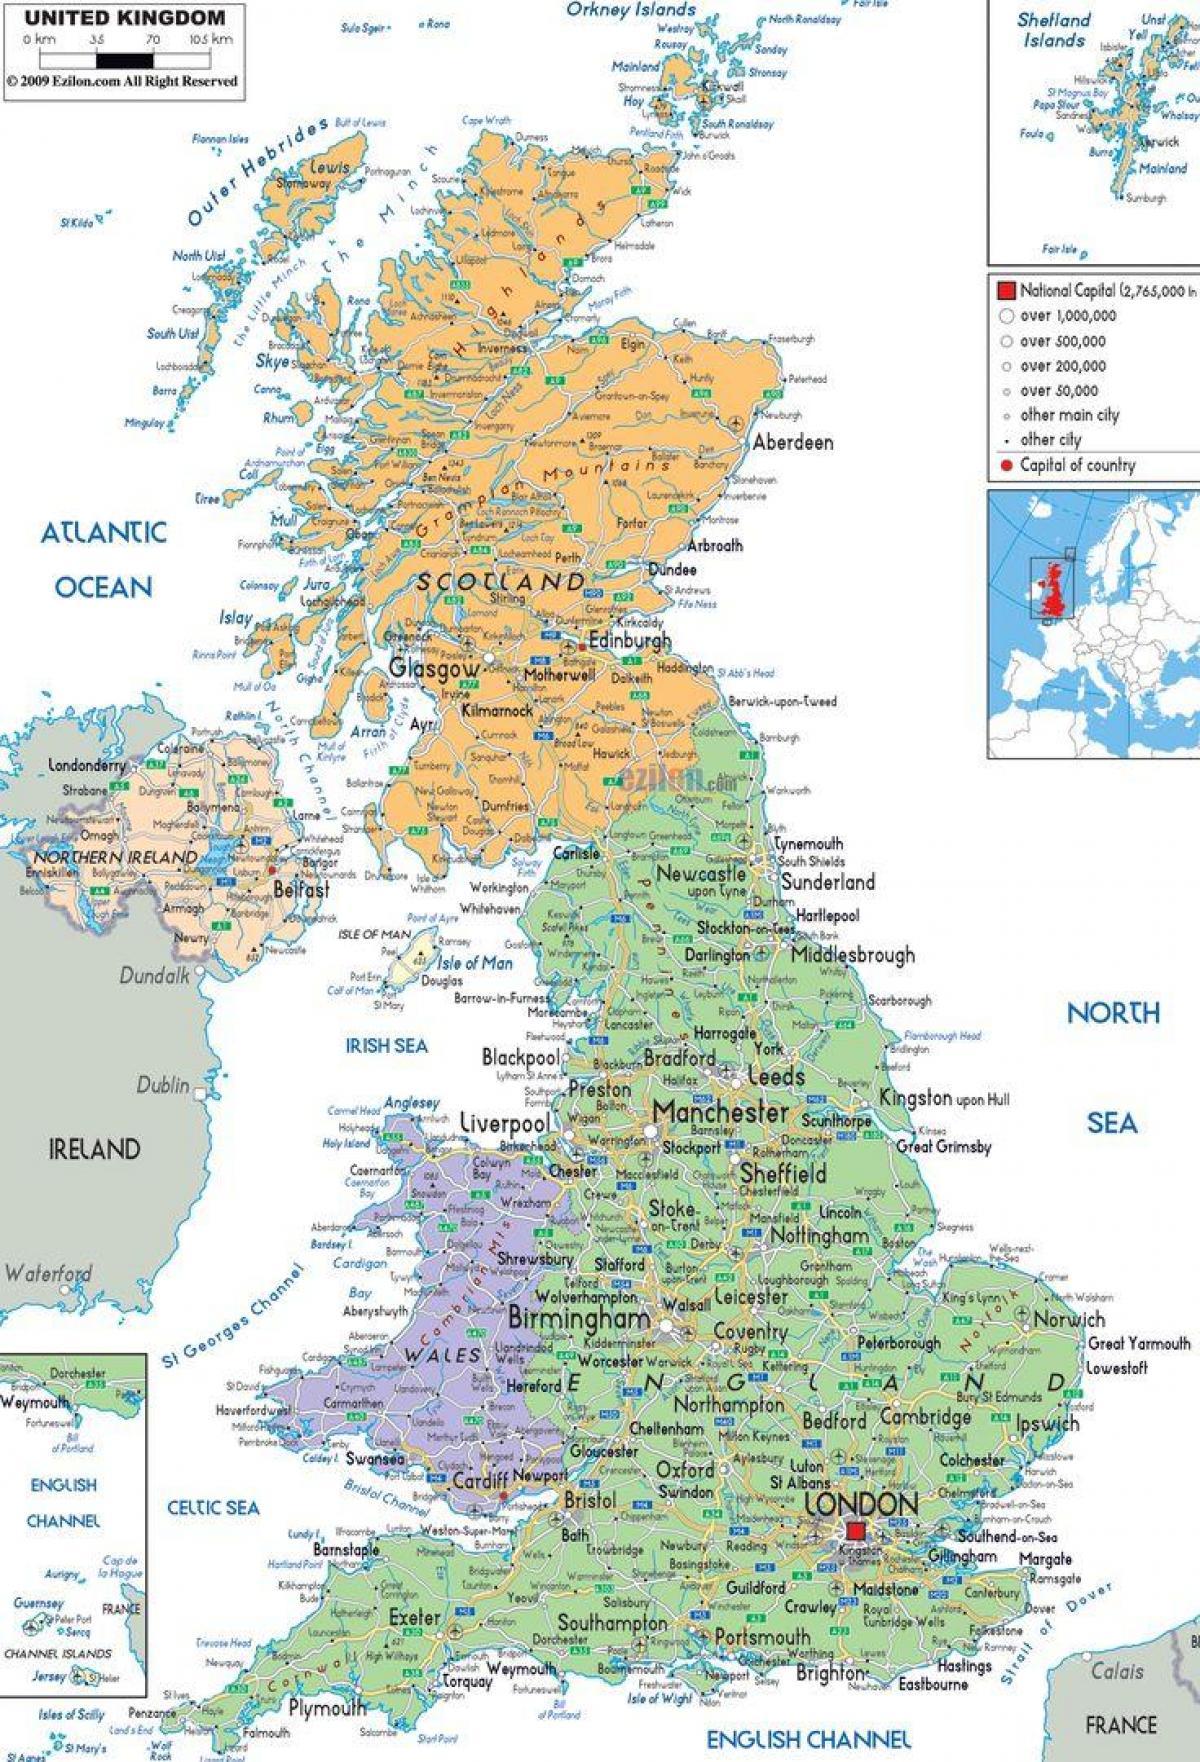 Britannian Kartta Britannian Kartta Pohjois Eurooppa Eurooppa